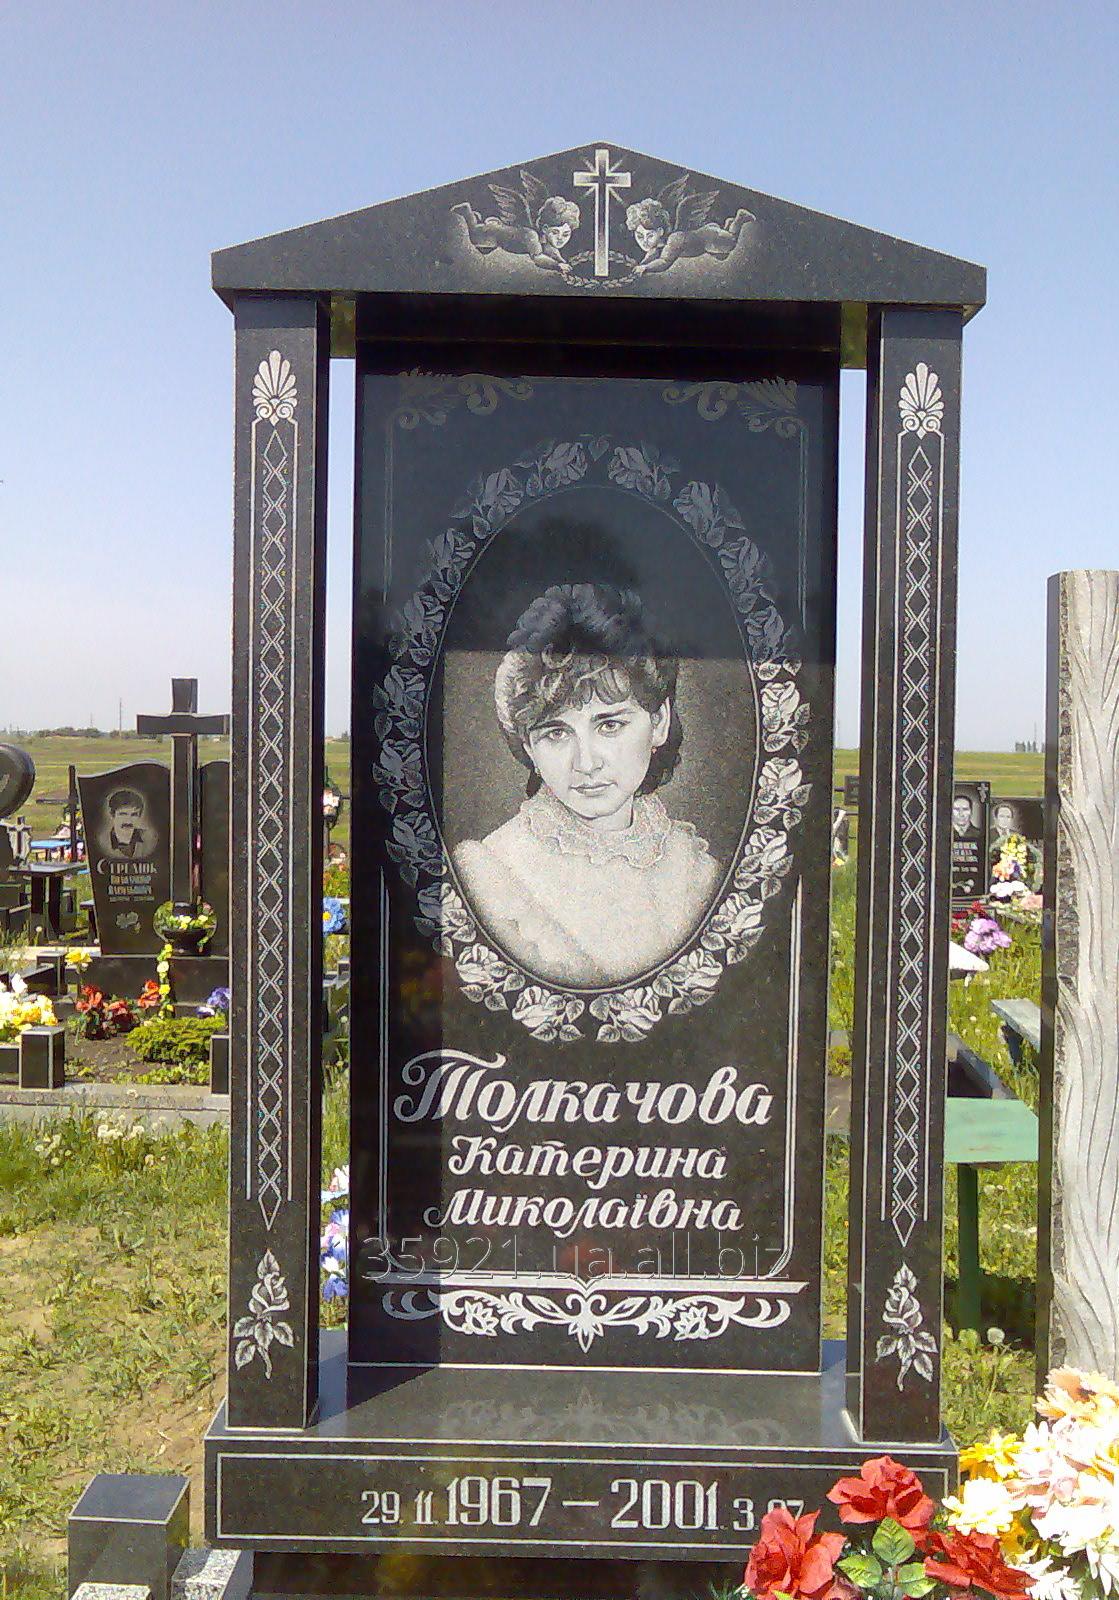 izgotovlenie_nadgrobij_pamyatnikov_korostyshev